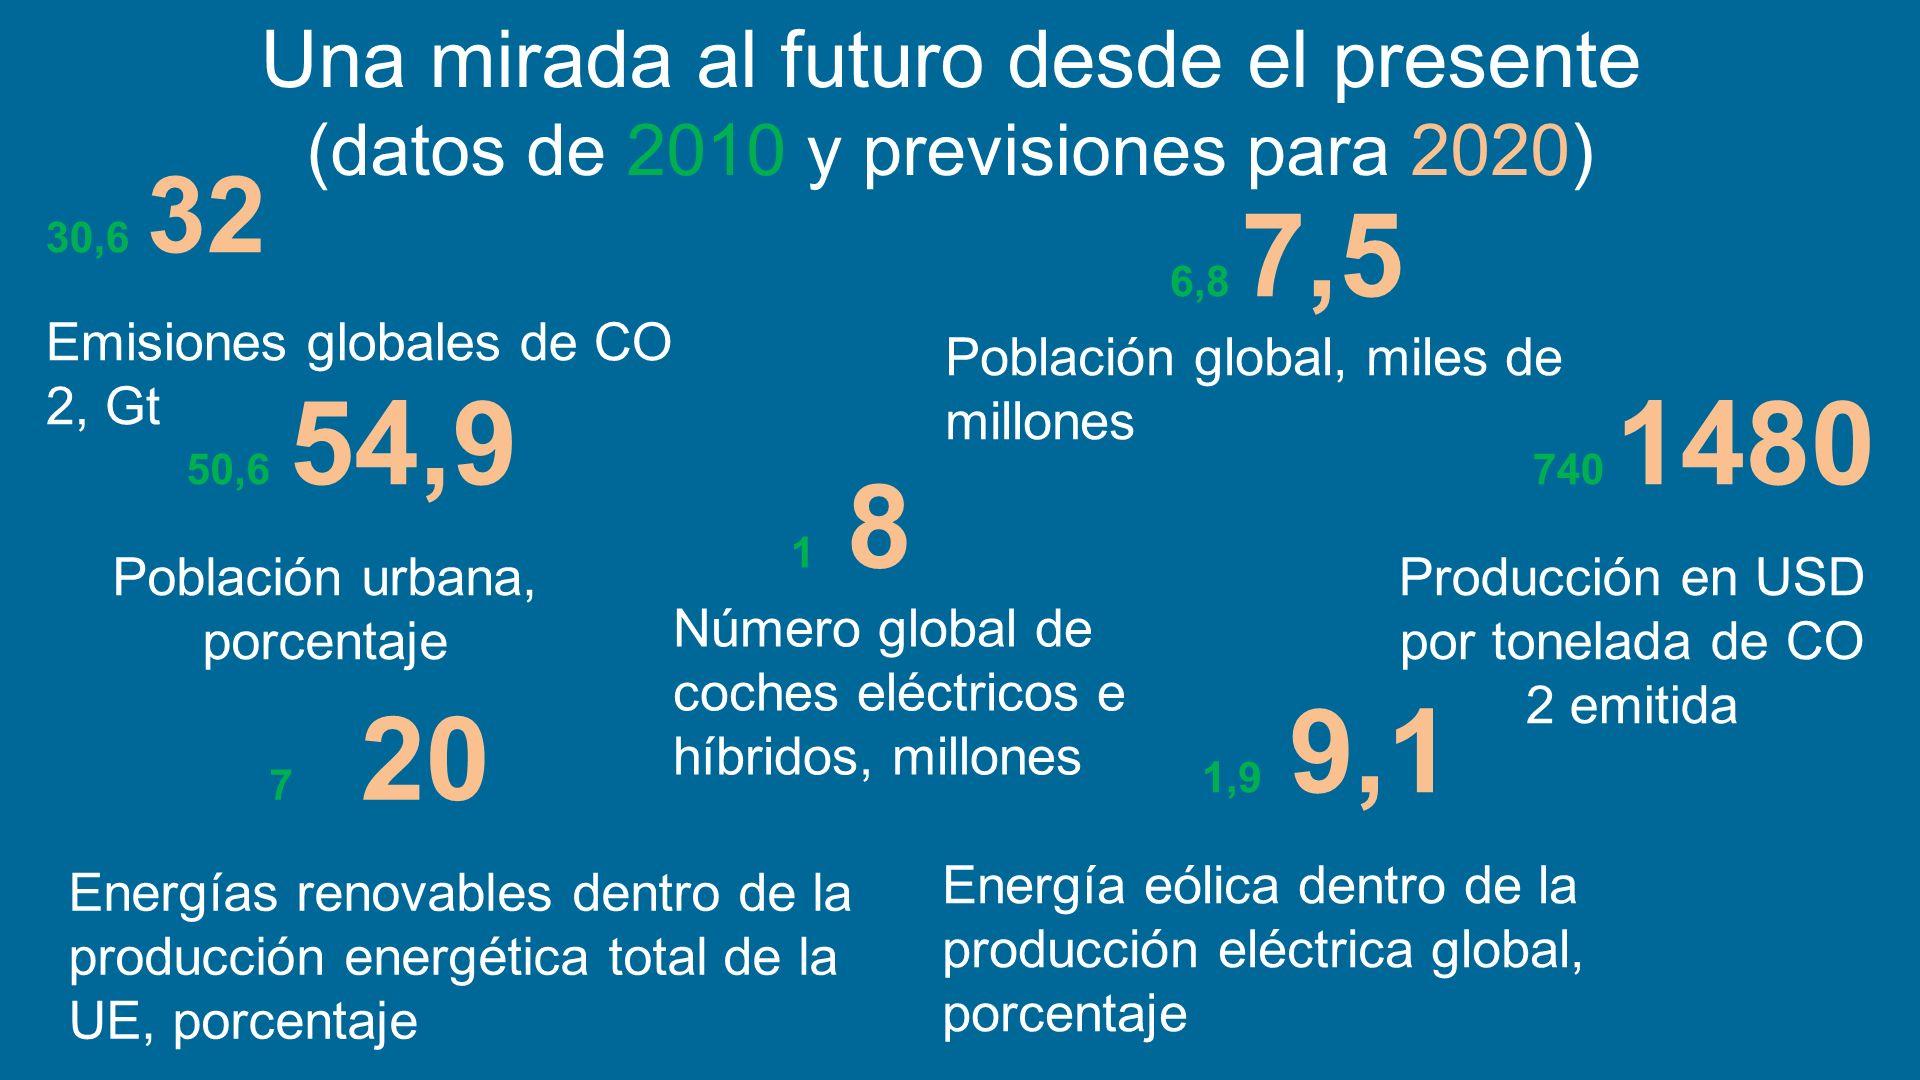 Una mirada al futuro desde el presente (datos de 2010 y previsiones para 2020)